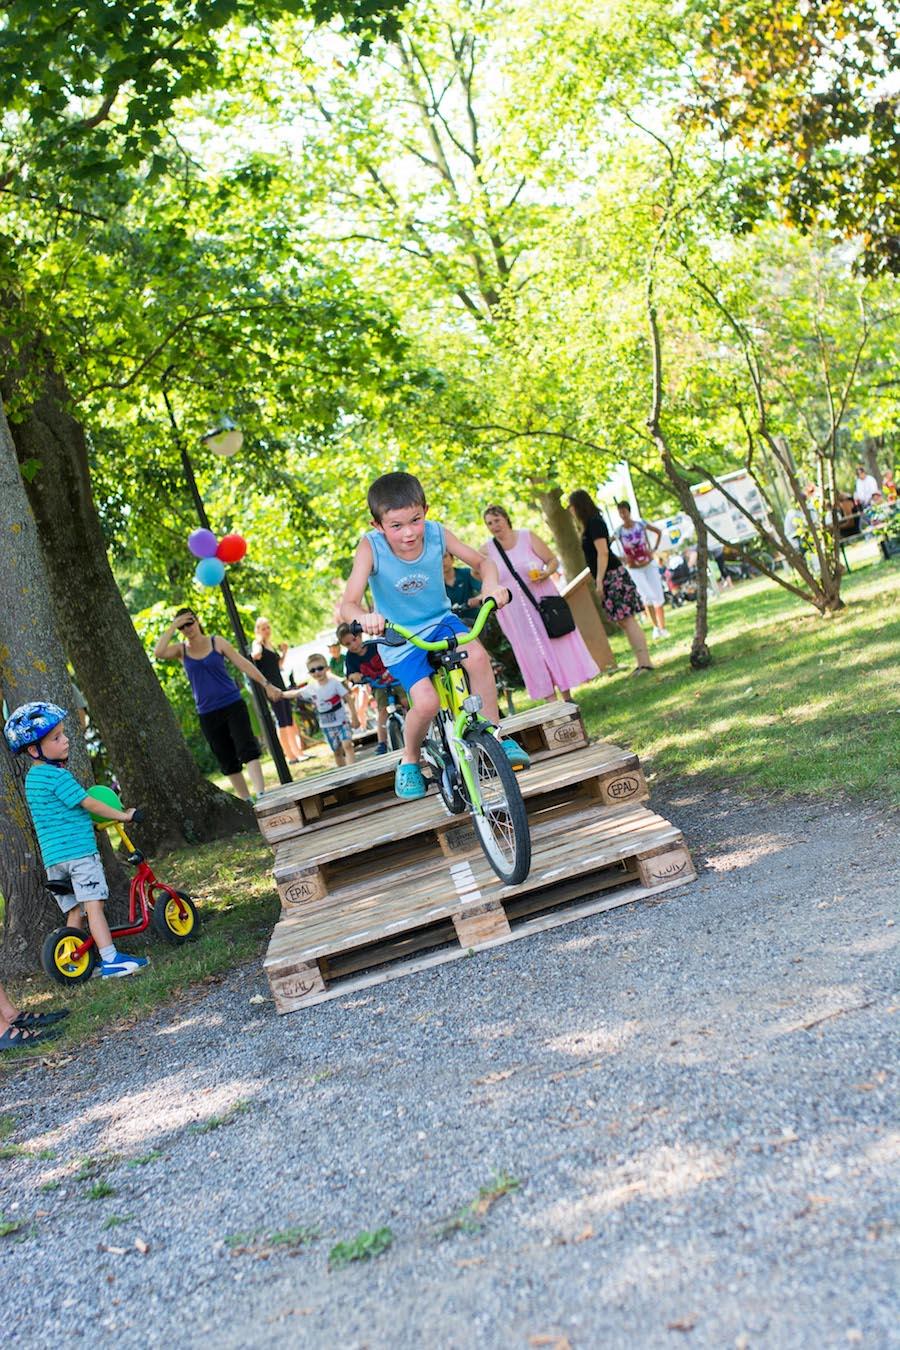 Eindrücke von der Spielplatzeröffnung mit Fahrradparkour am